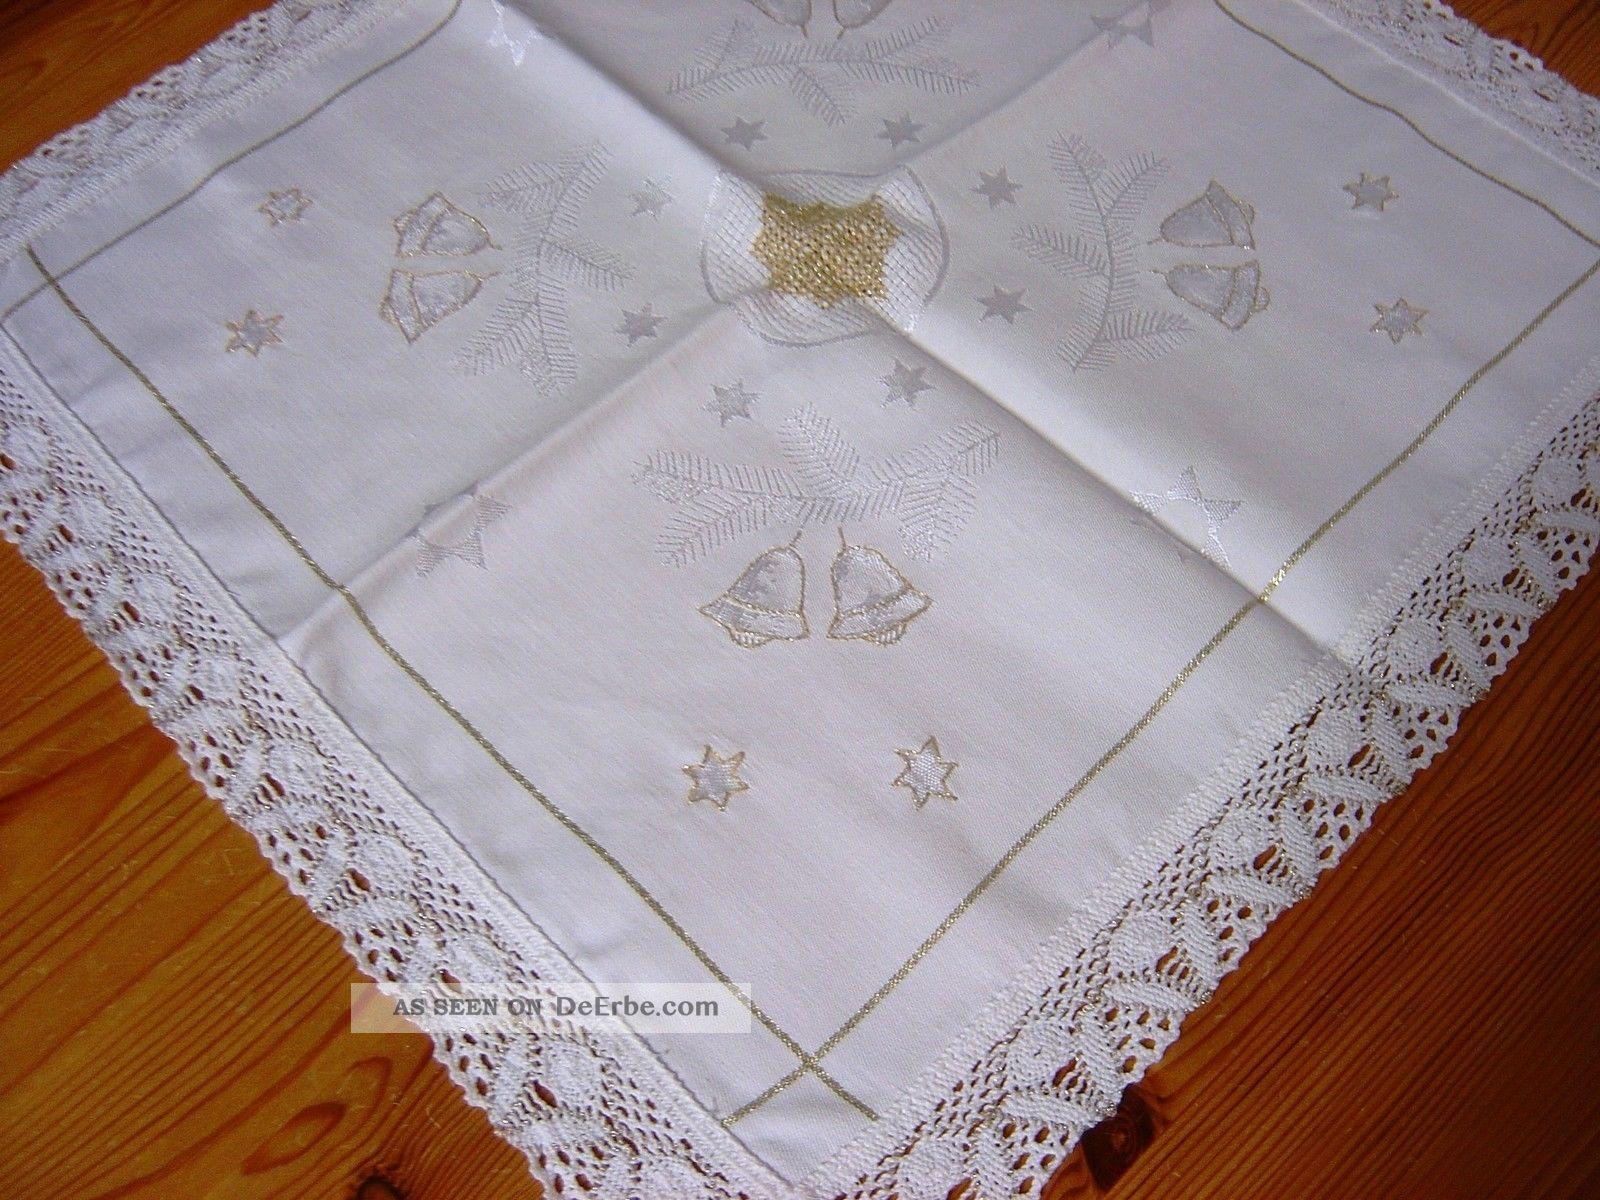 Weihnachts - Deckchen,  Creme - Weiß,  Satin,  Spitze,  Stickerei,  Handarbeit 44 X 44 Cm Tischwäsche Bild